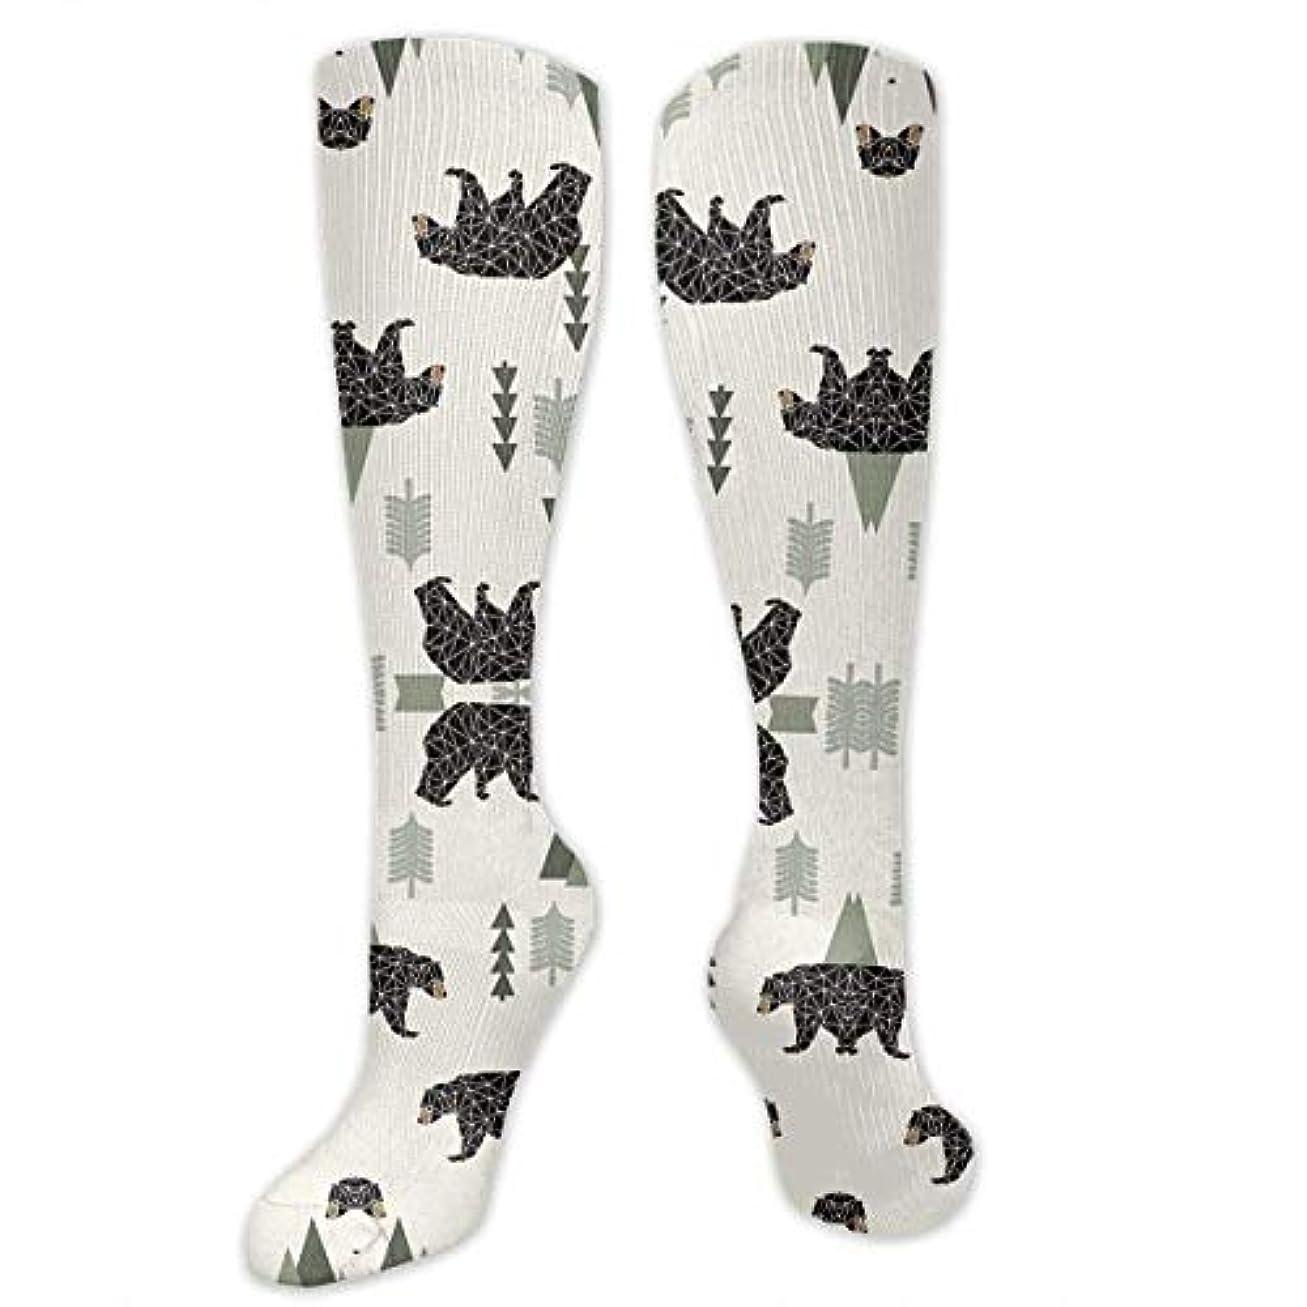 伝染性パノラマ手のひら靴下,ストッキング,野生のジョーカー,実際,秋の本質,冬必須,サマーウェア&RBXAA Forest Bear Cream Green Neutral Baby Socks Women's Winter Cotton Long...